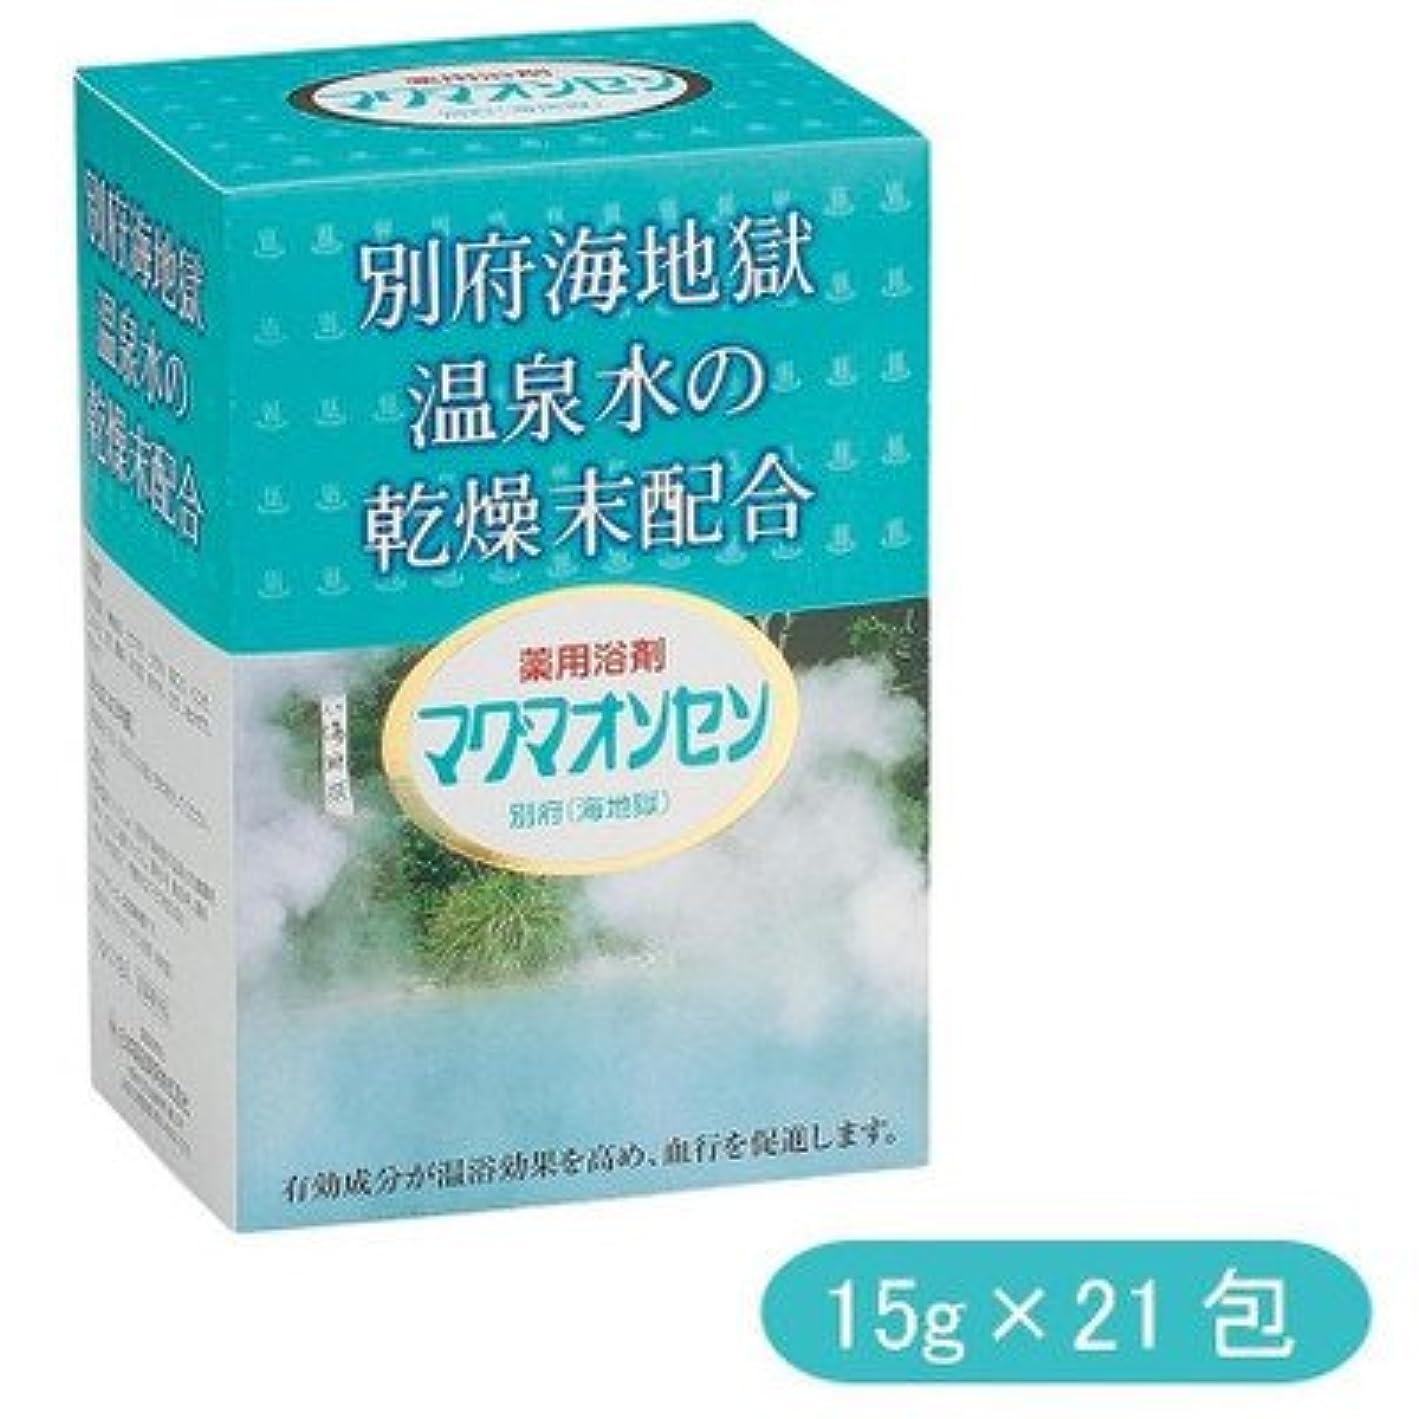 理由ホールド合併日本薬品開発 医薬部外品 薬用入浴剤 マグマオンセン 15g×21P 800770